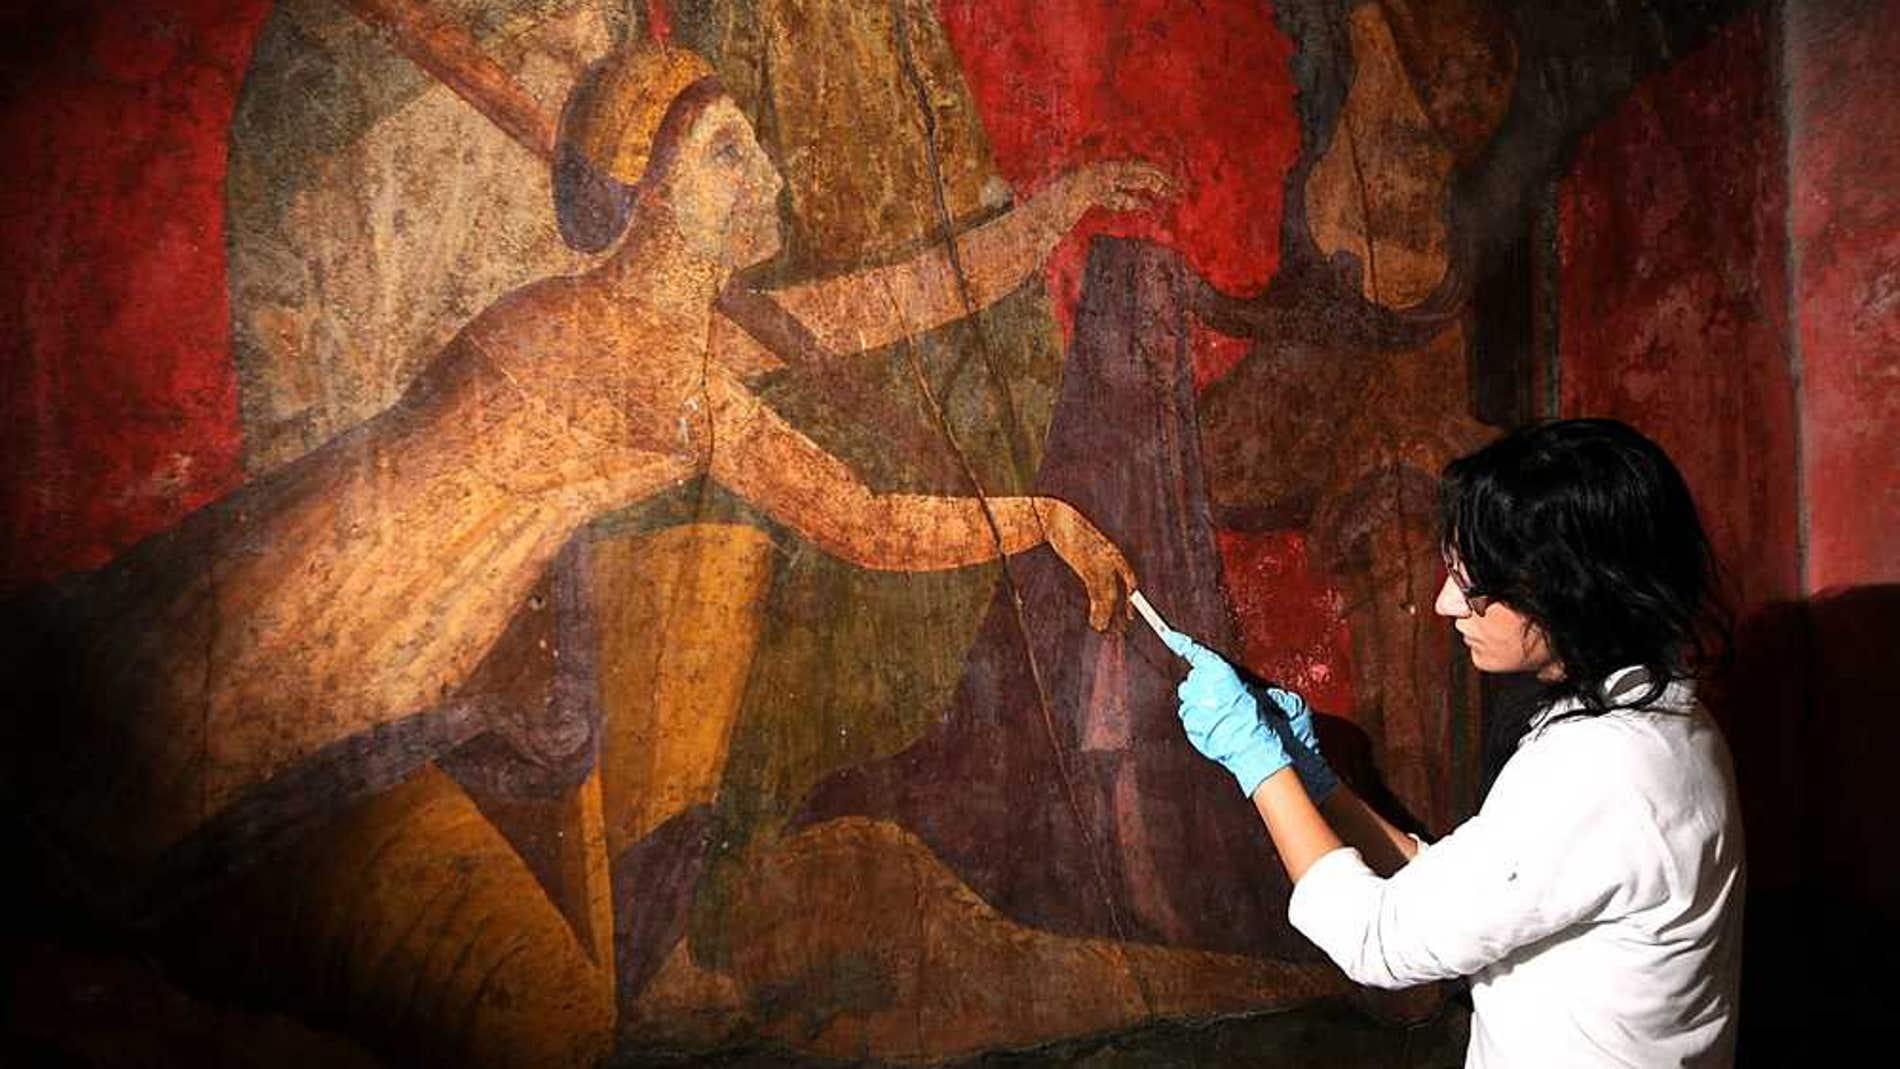 Algunas bacterias crecen en las pinturas, destruyendo los frescos. Fuente: Cortesía del Ministerio de Cultura y Turismo de Italia